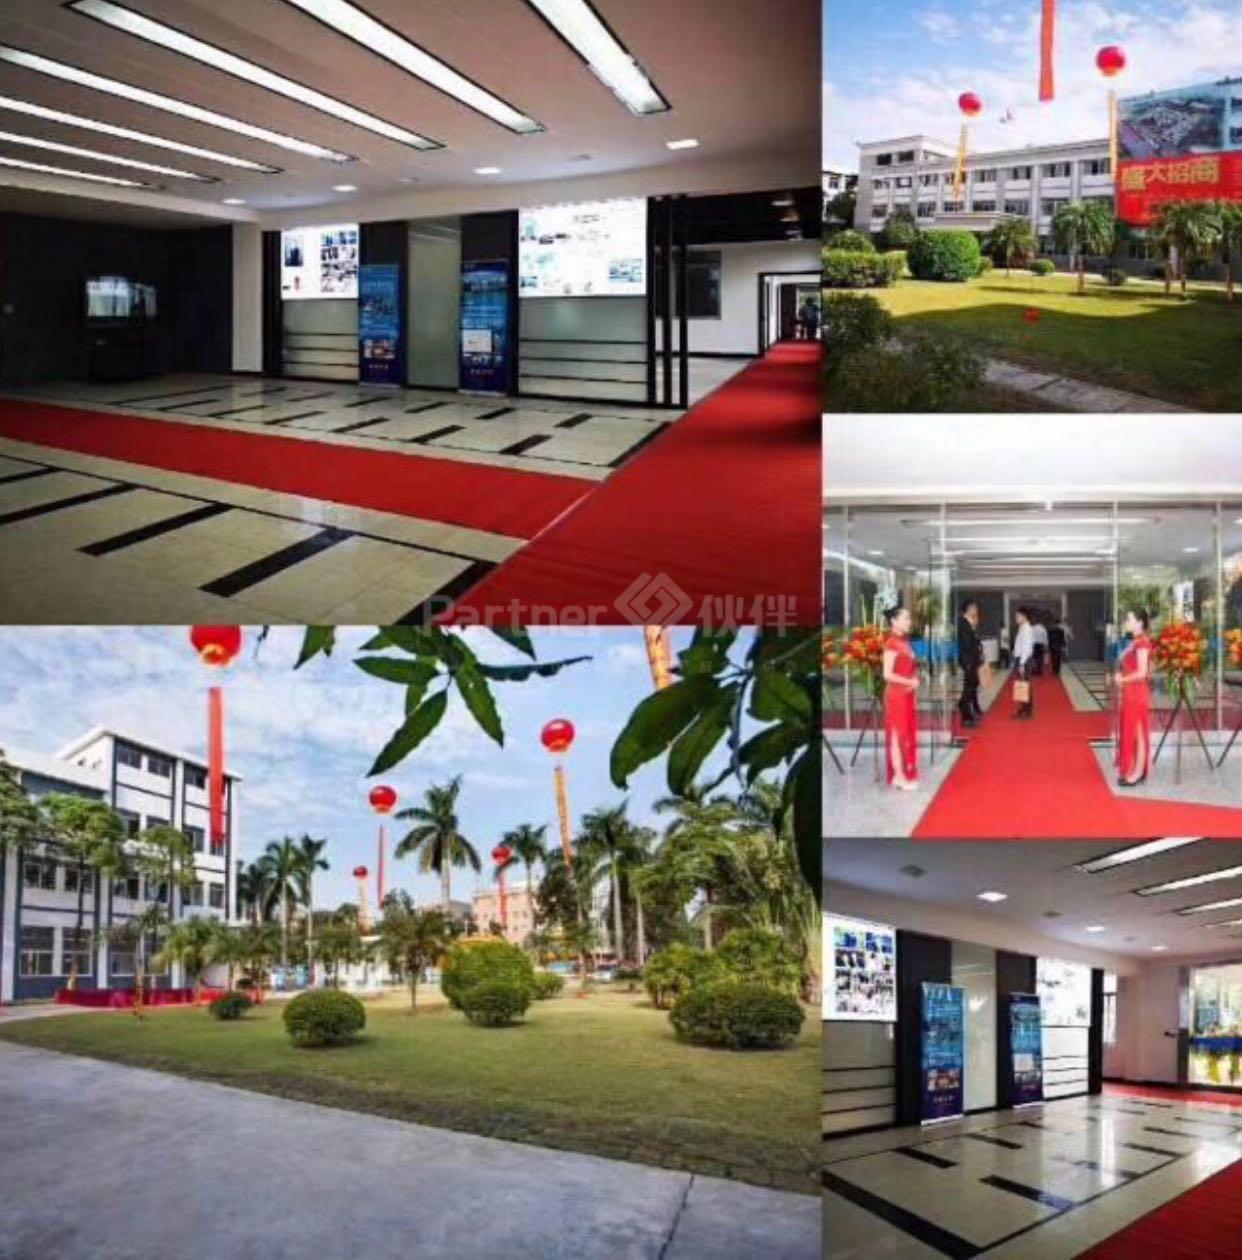 广州市南沙大型国有双证九成新上市公司豪华厂房出售转让